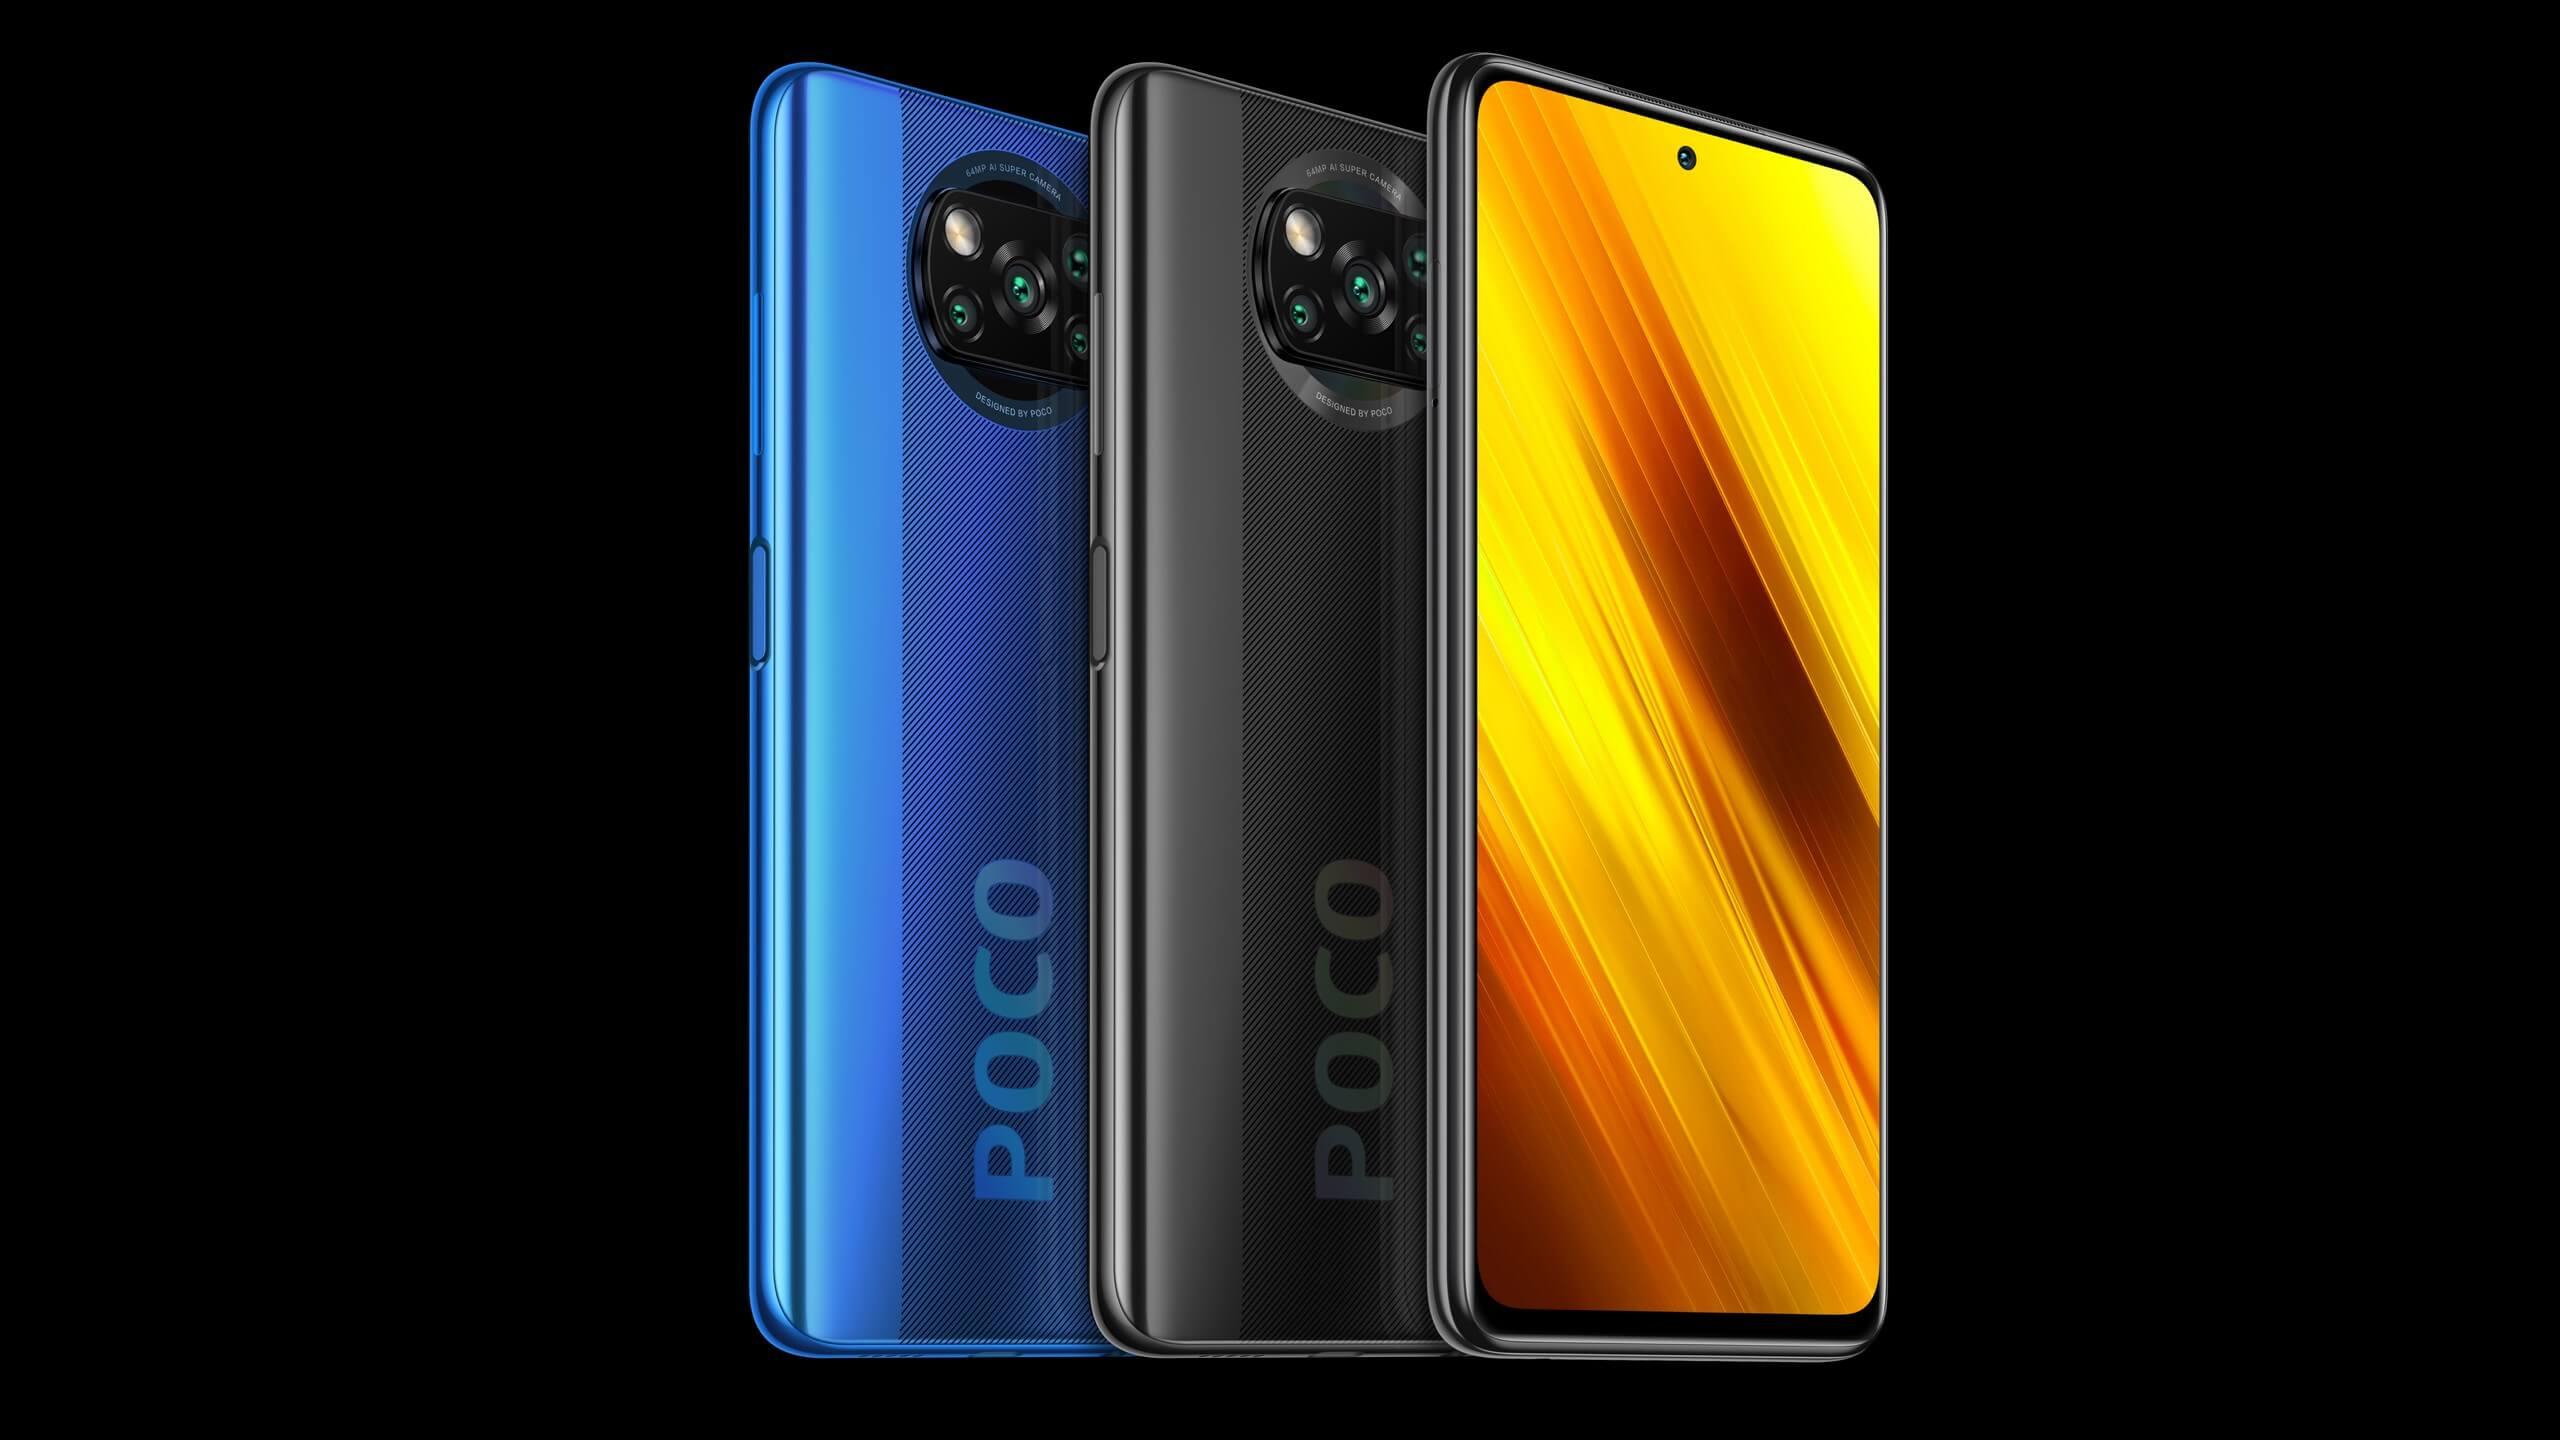 Xiaomi продаёт свои гаджеты со скидкой к 8-му марта